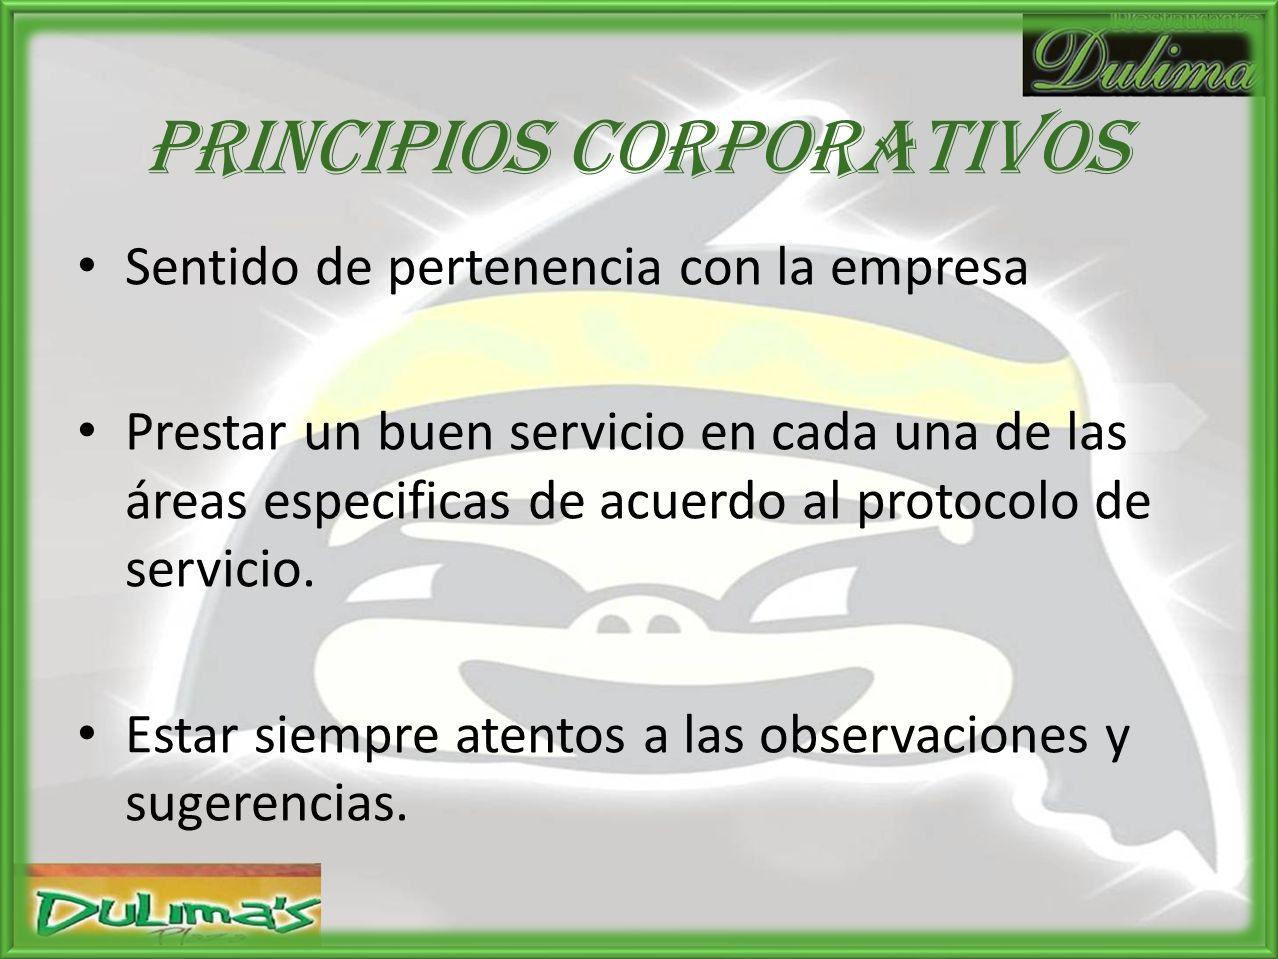 Sentido de pertenencia con la empresa Prestar un buen servicio en cada una de las áreas especificas de acuerdo al protocolo de servicio.